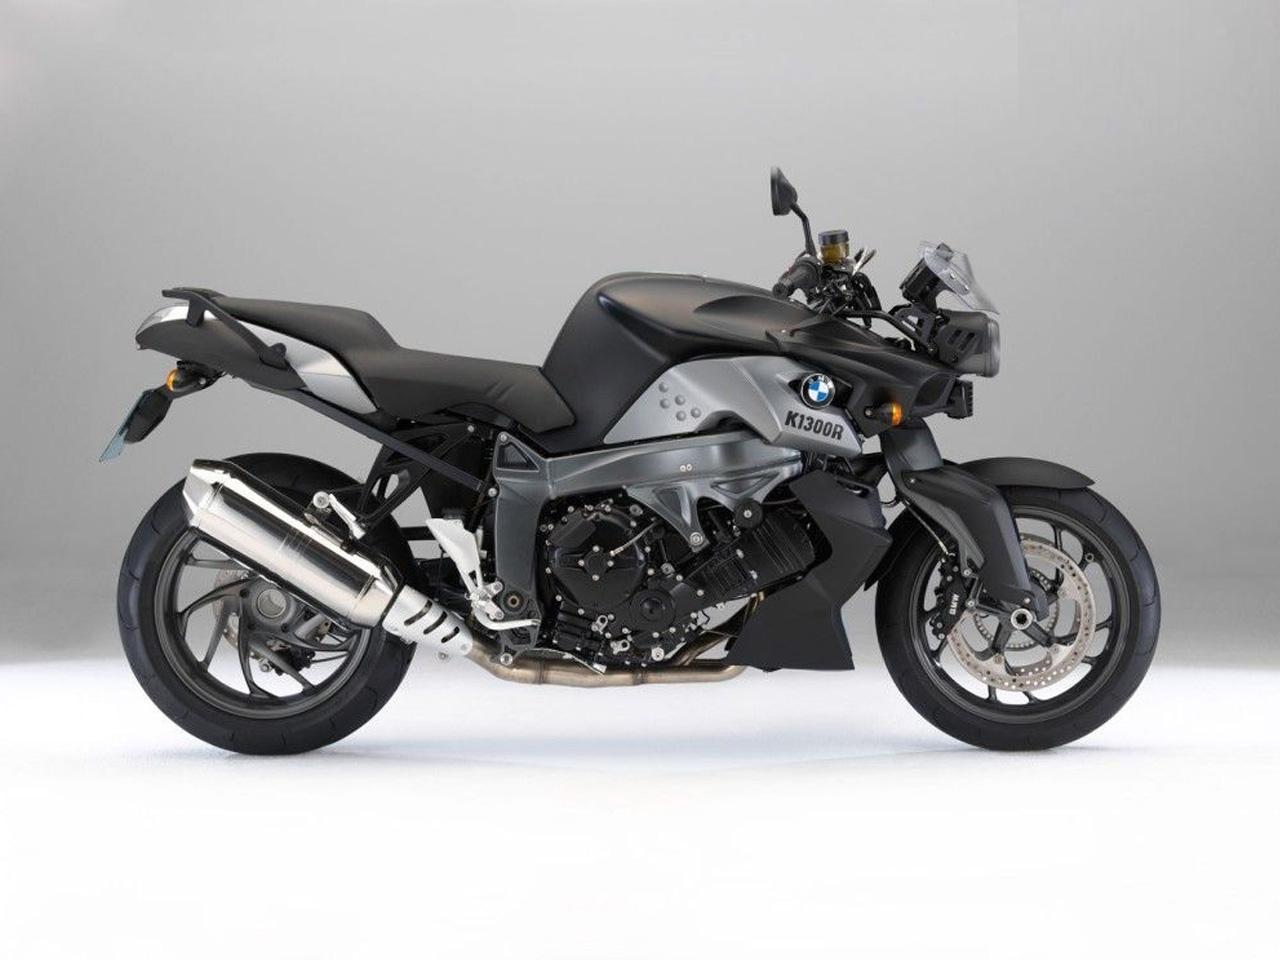 【宝马BMW K1300R摩托车图片】_摩托车图片库_摩托车之家